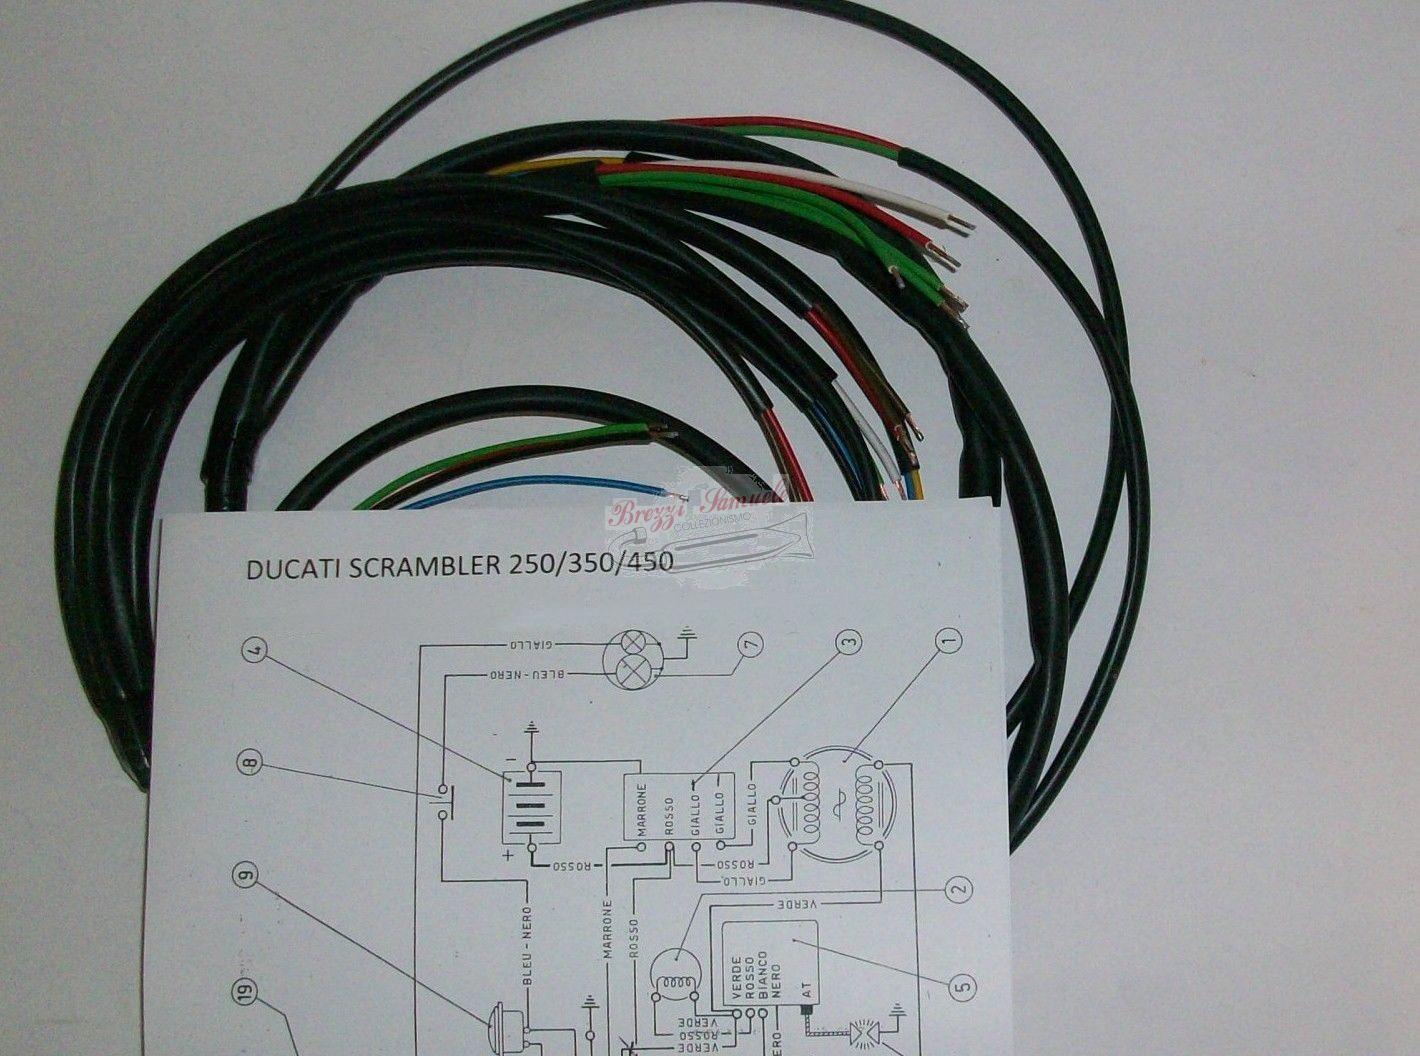 Schema Elettrico Wiring Diagram : Prodotto im impianto elettrico ducati scrambler mak desmo